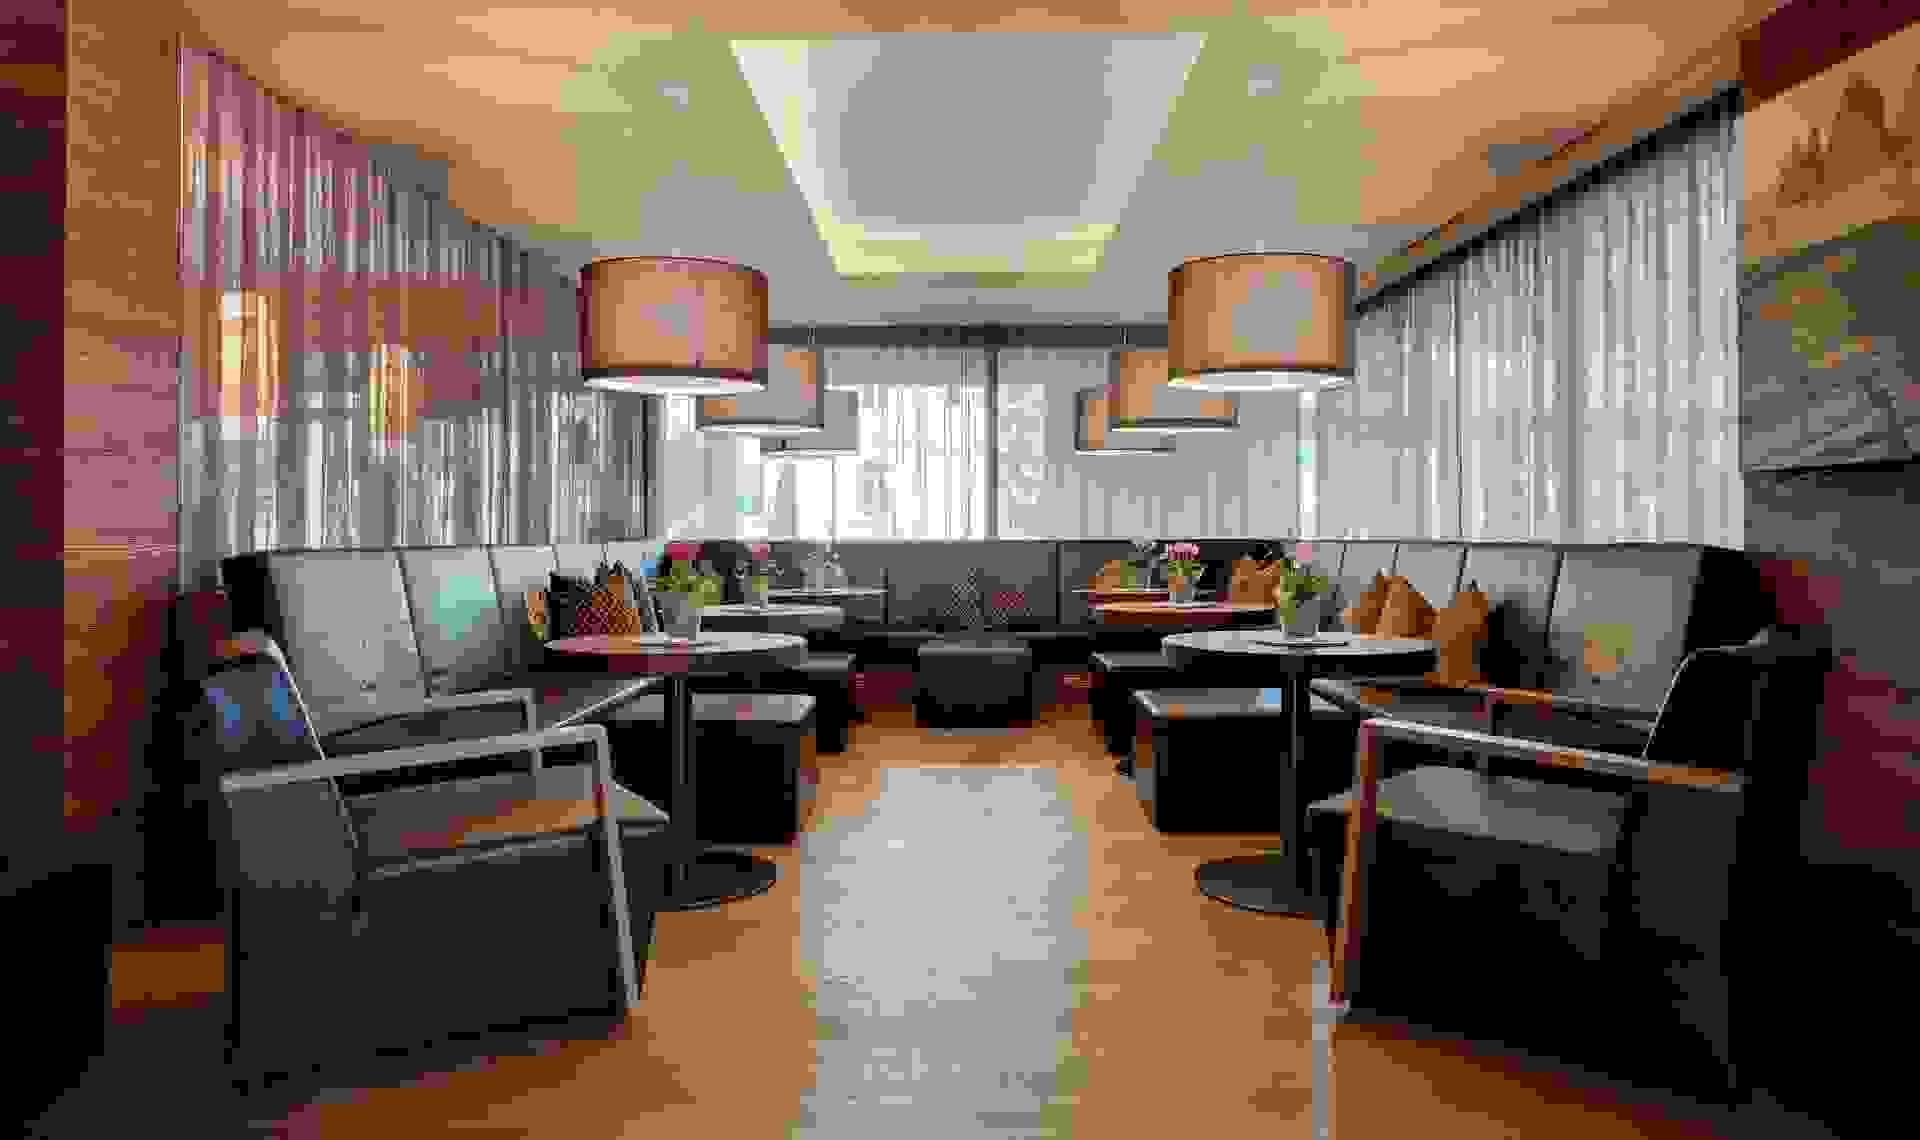 Arredamento di bar ristornati design degli interni selectiv for Arredamento per interni